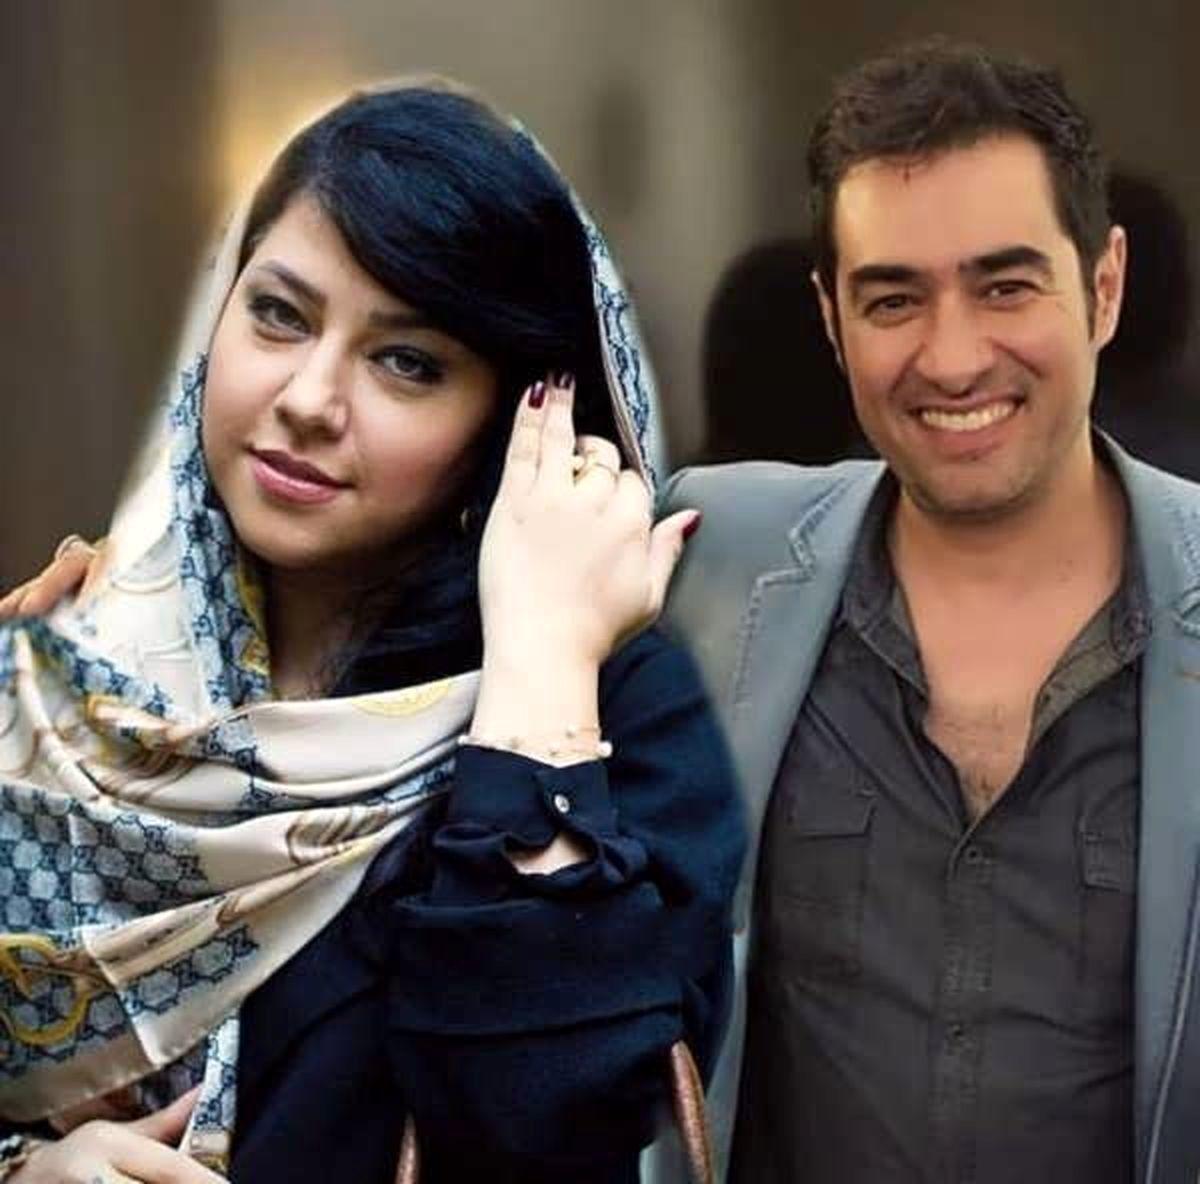 شهاب حسینی از همسرش جدا شد + عکس